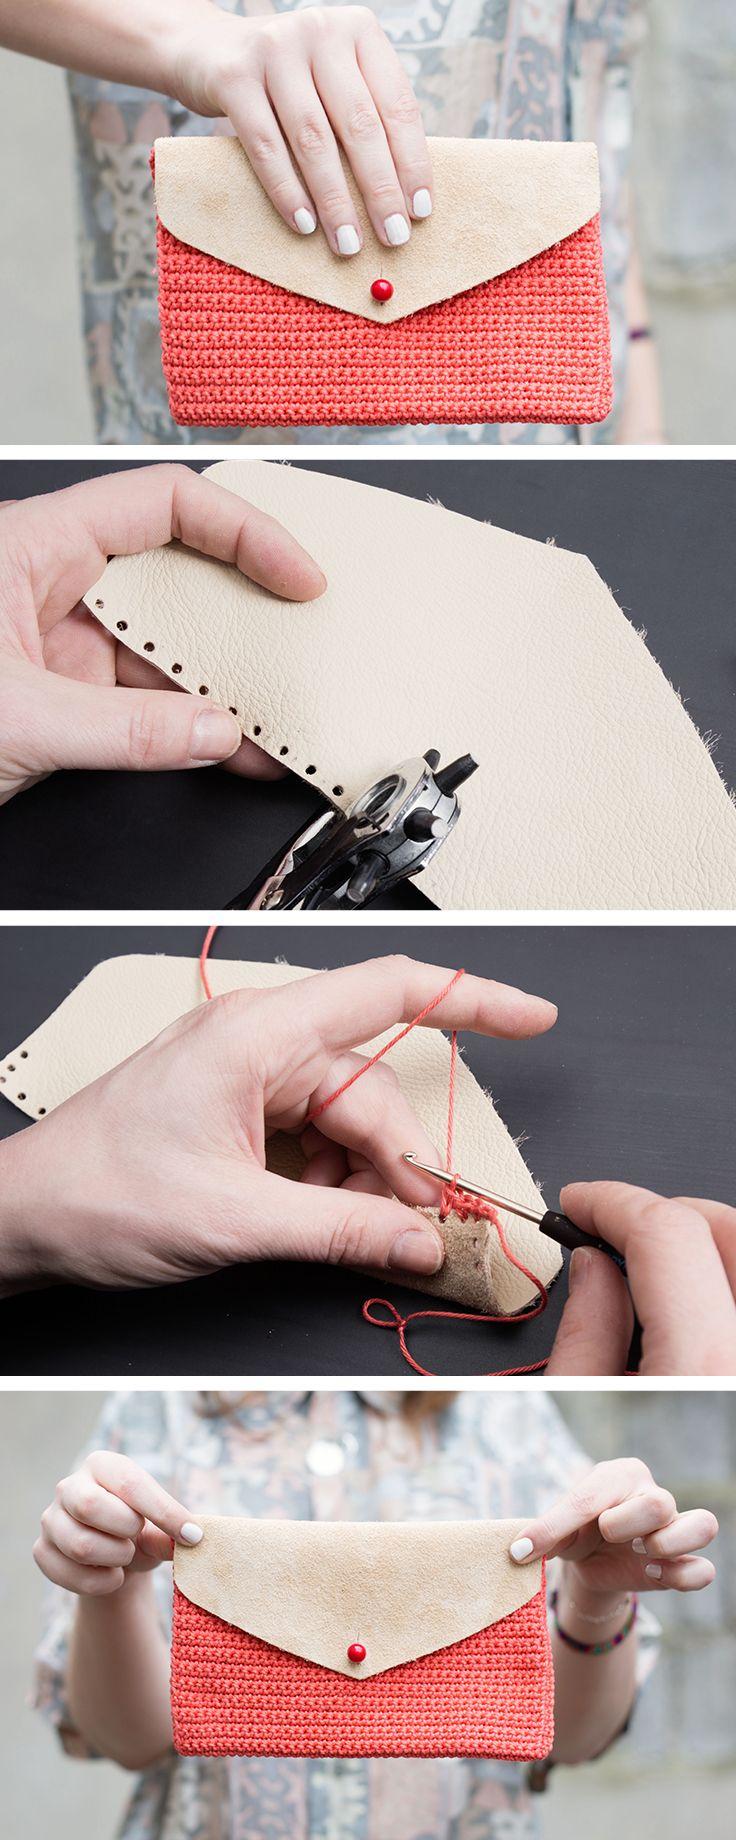 Tutoriales DIY: Cómo hacer un bolso clutch de ganchillo y cuero vía DaWanda.com